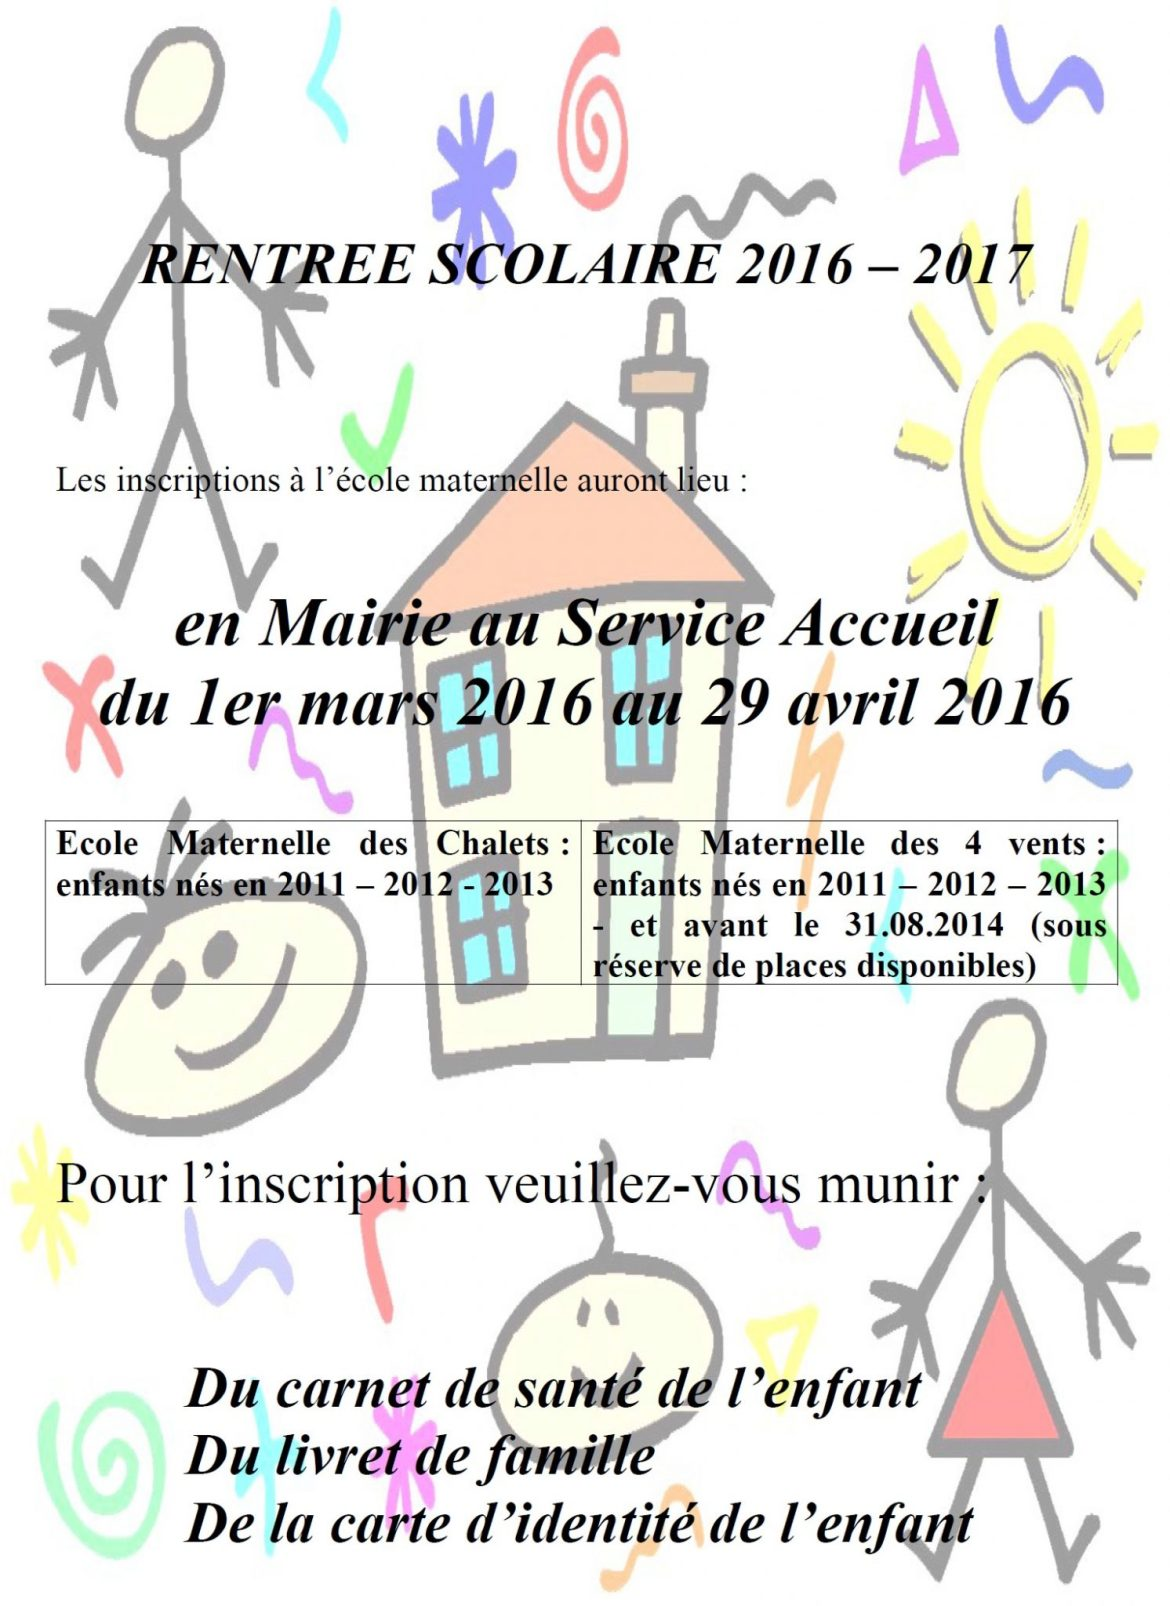 inscriptions-scolaires-2016-2017